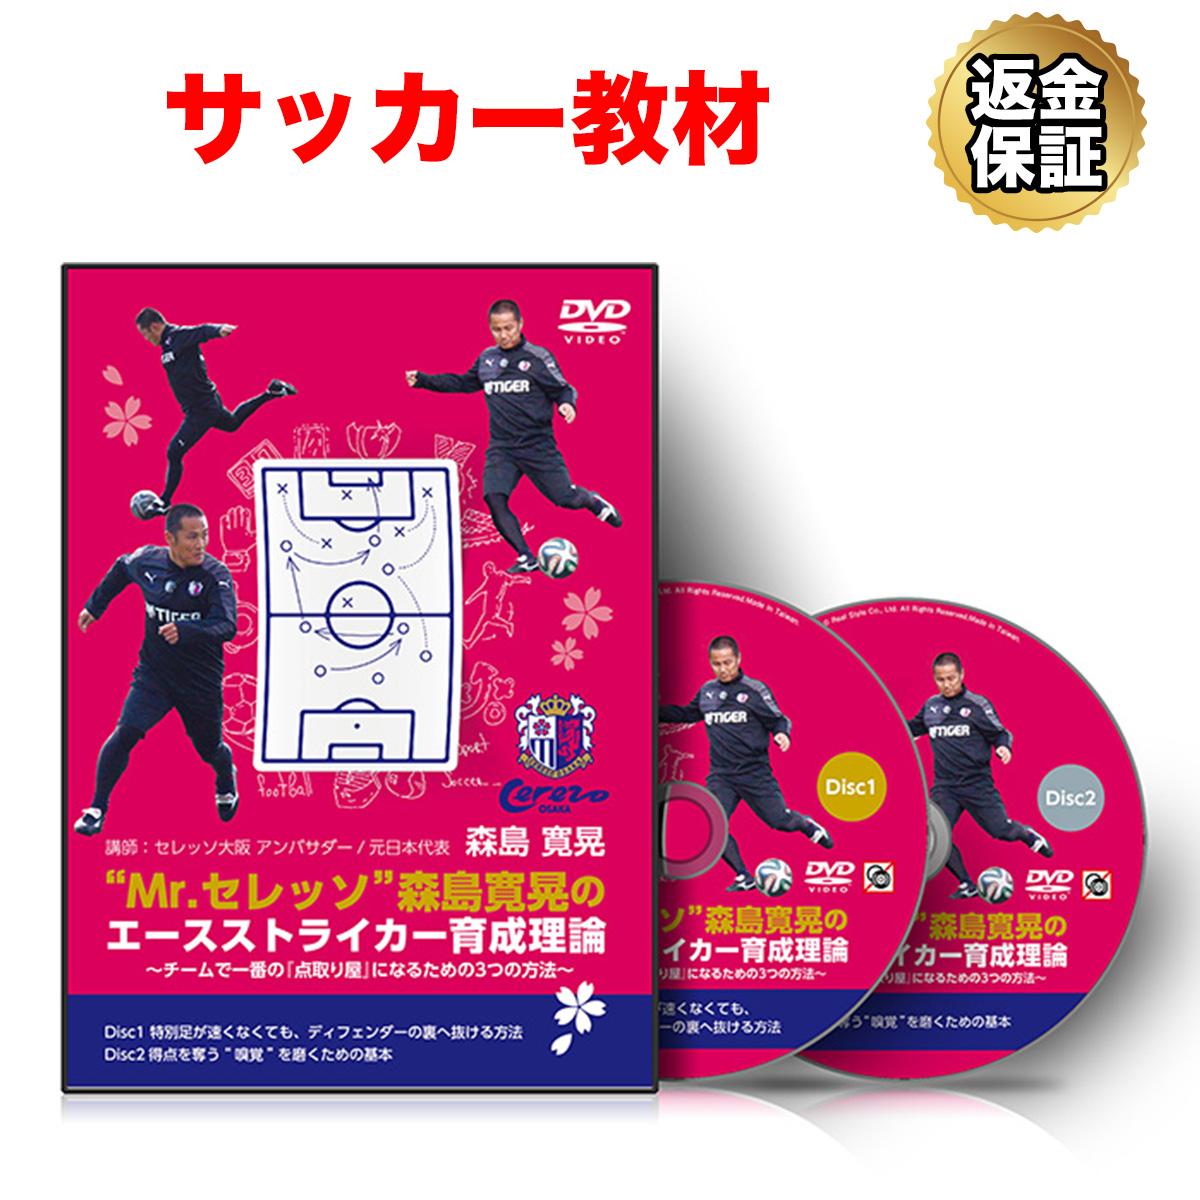 【サッカー】Mr.セレッソ森島寛晃のエースストライカー育成理論~チームで一番の『点取り屋』になるための3つの方法~